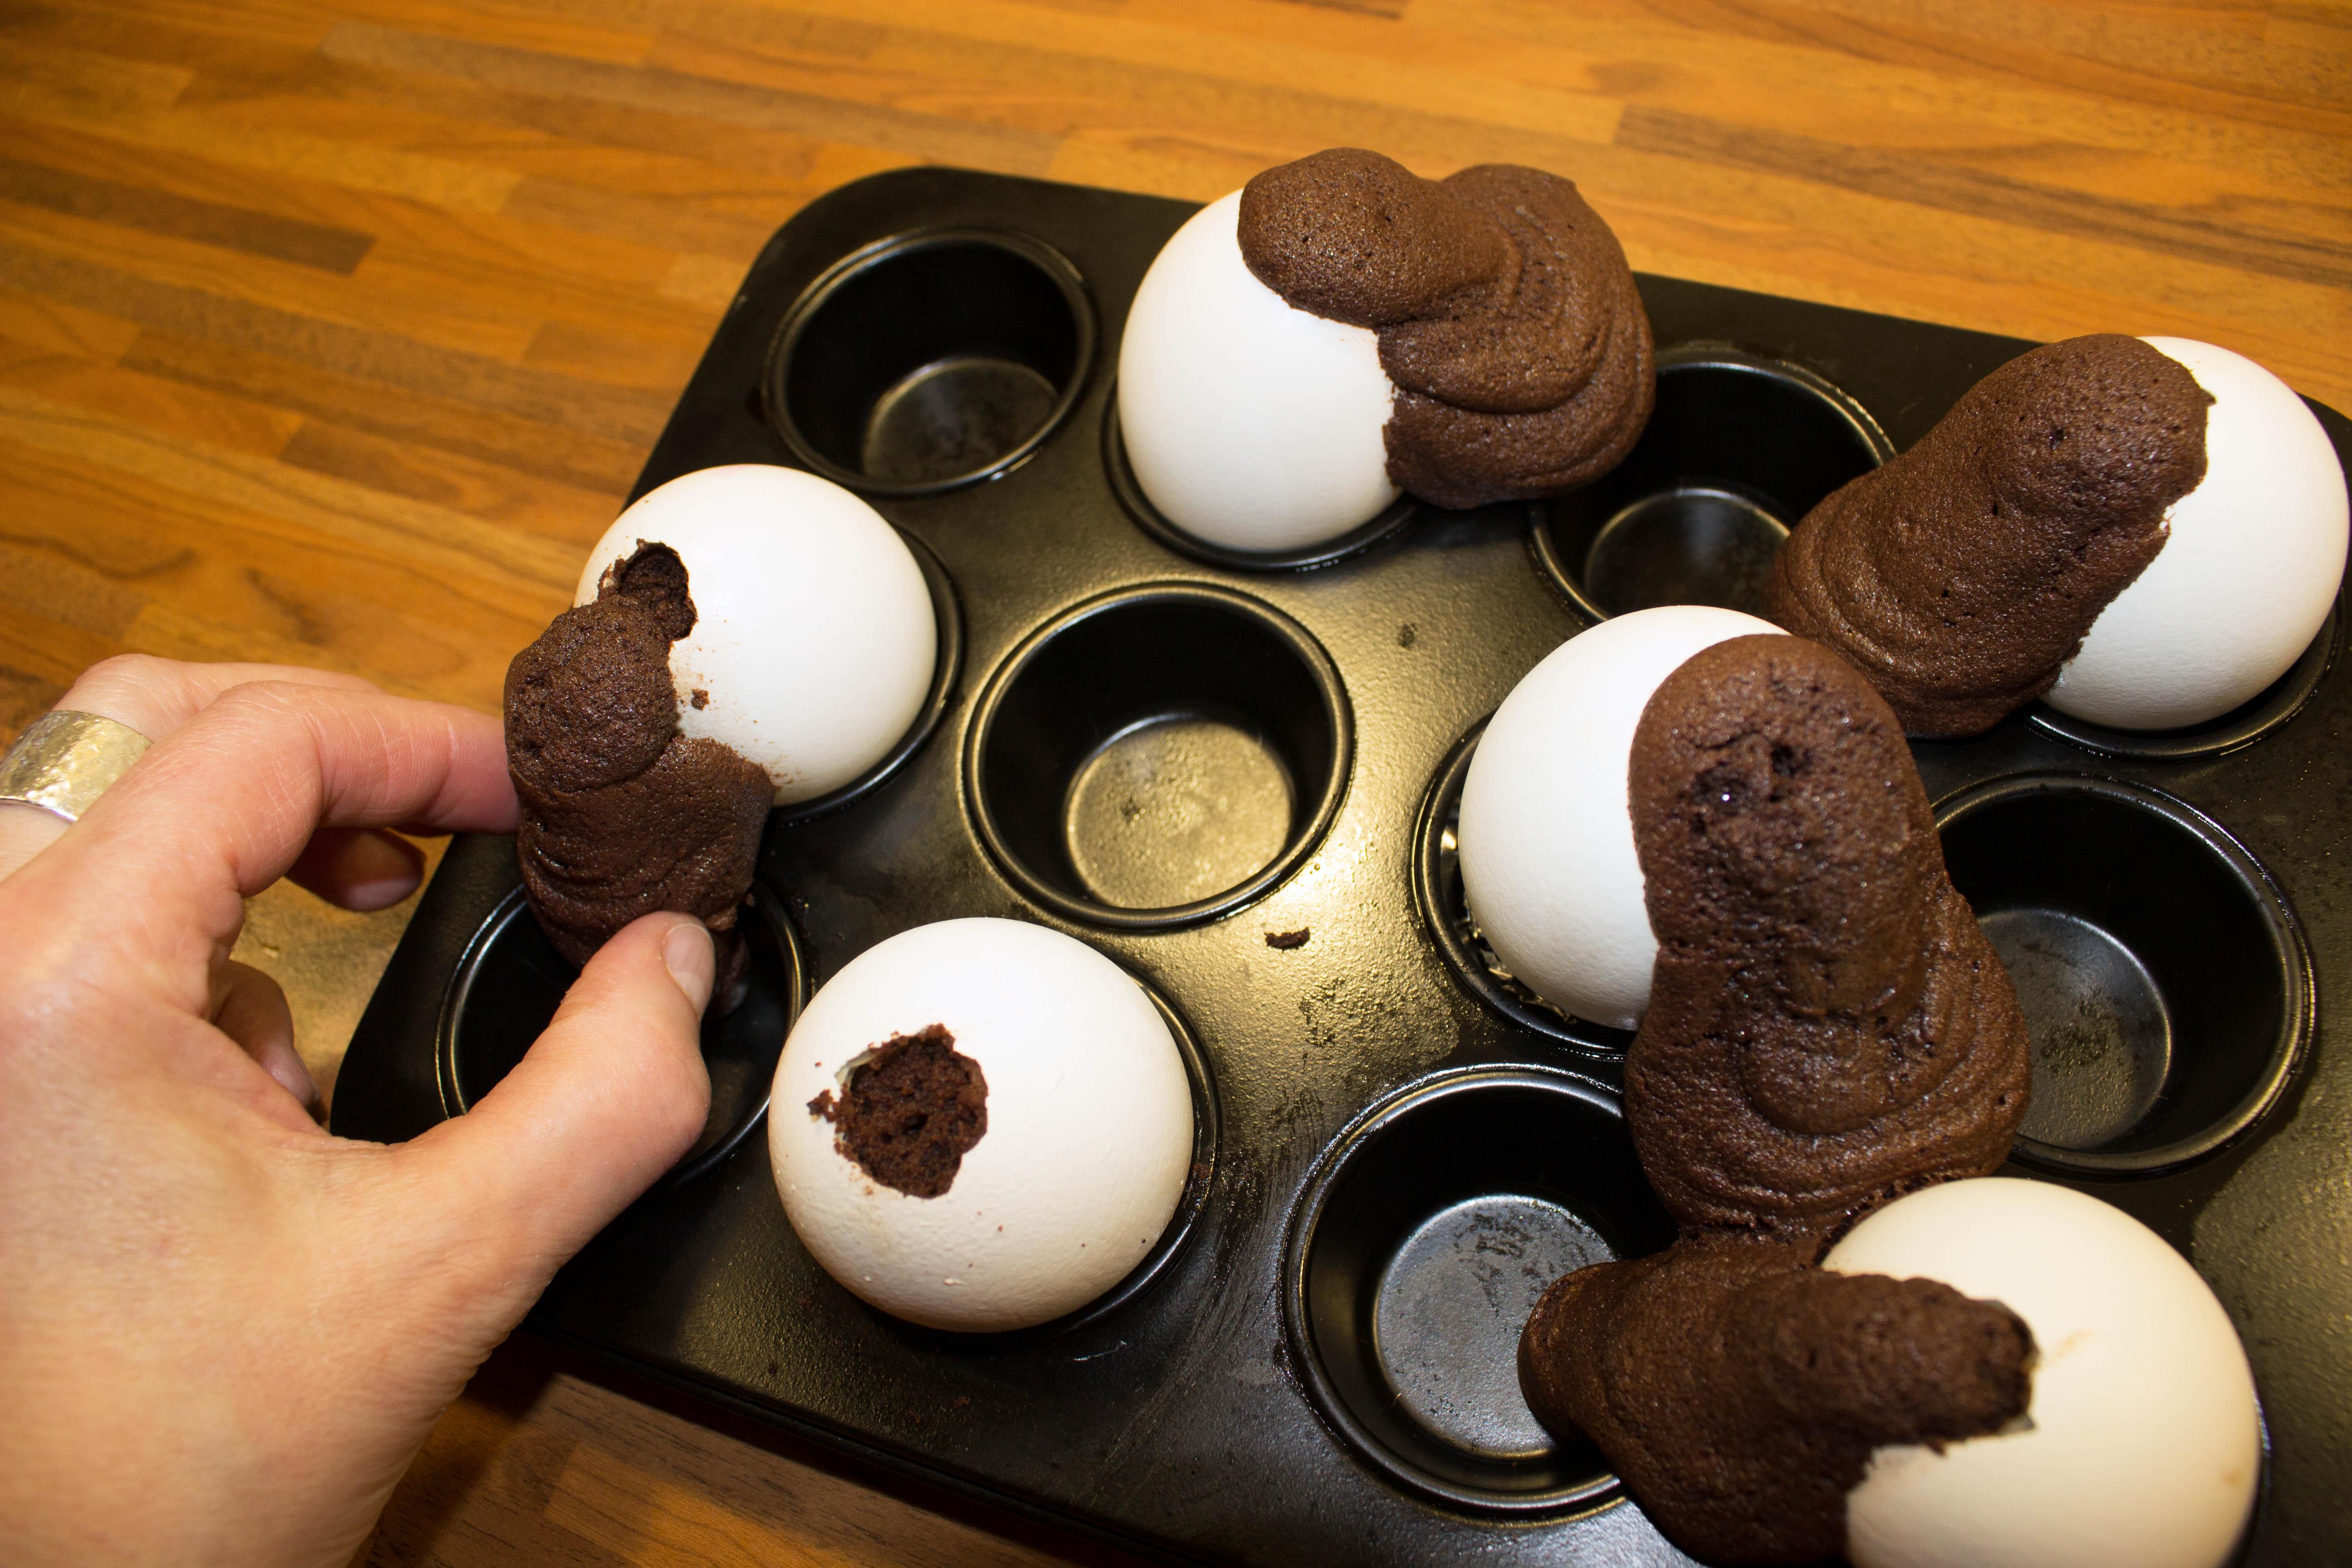 Huch Ein Huhn Dass Kucheneier Legt Brownie Ostereier Die